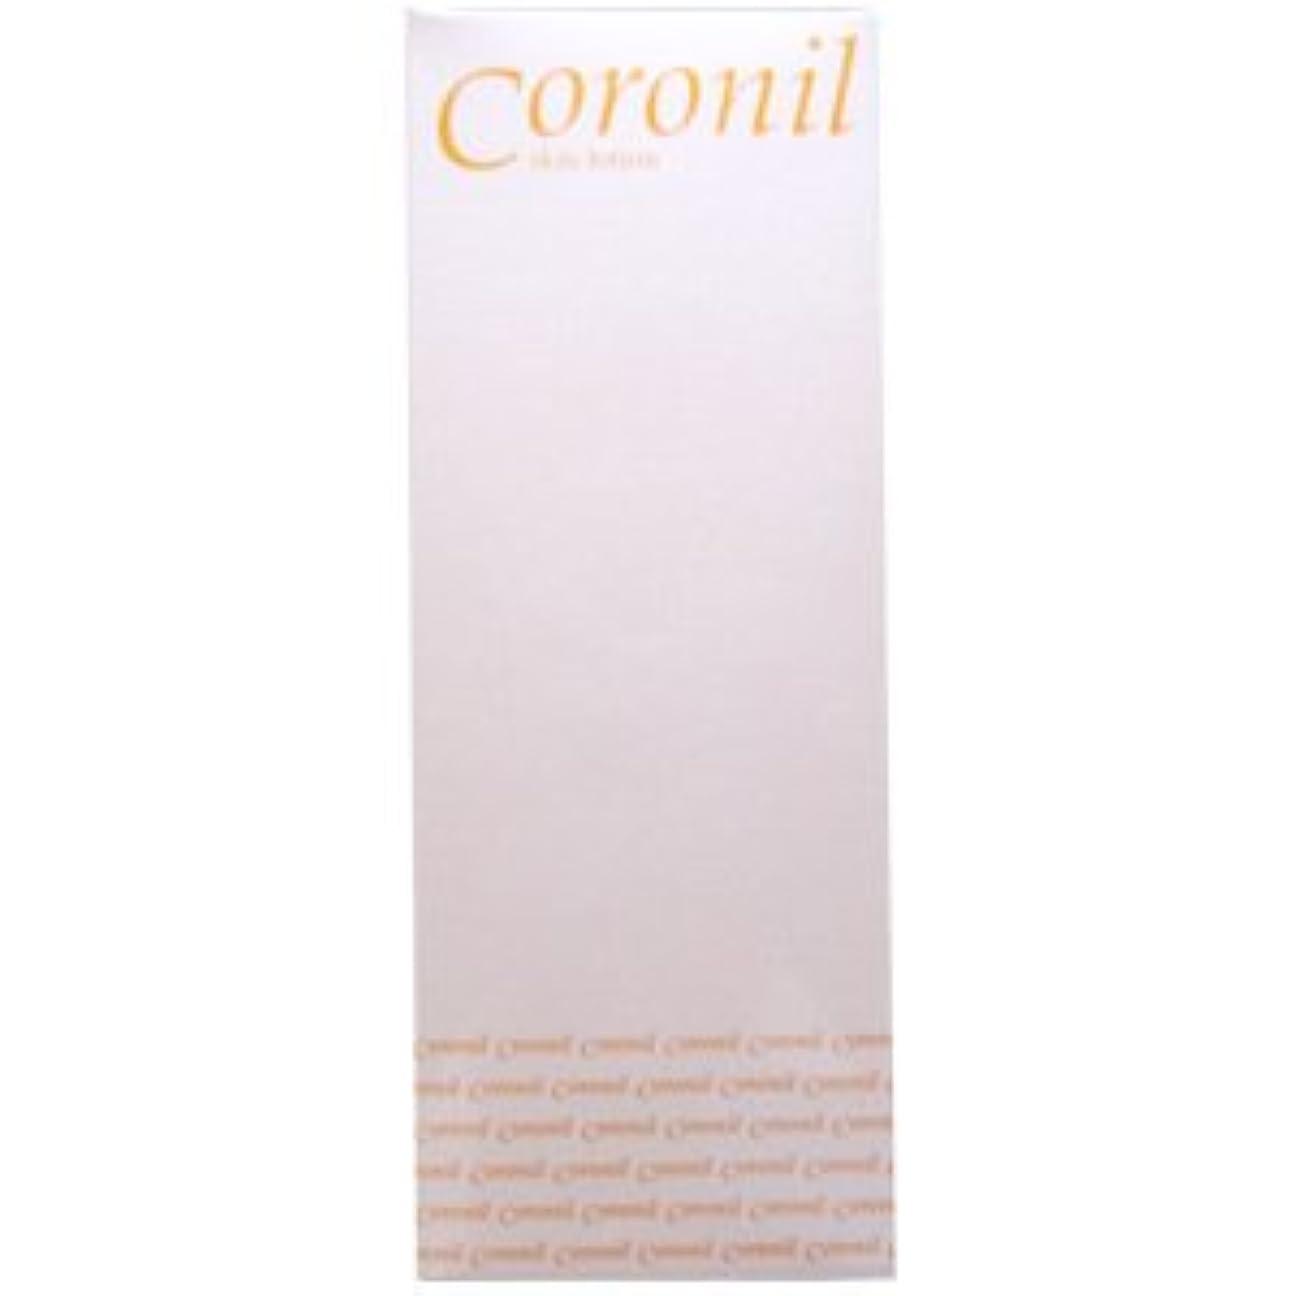 コロニール スキンローション(化粧水)